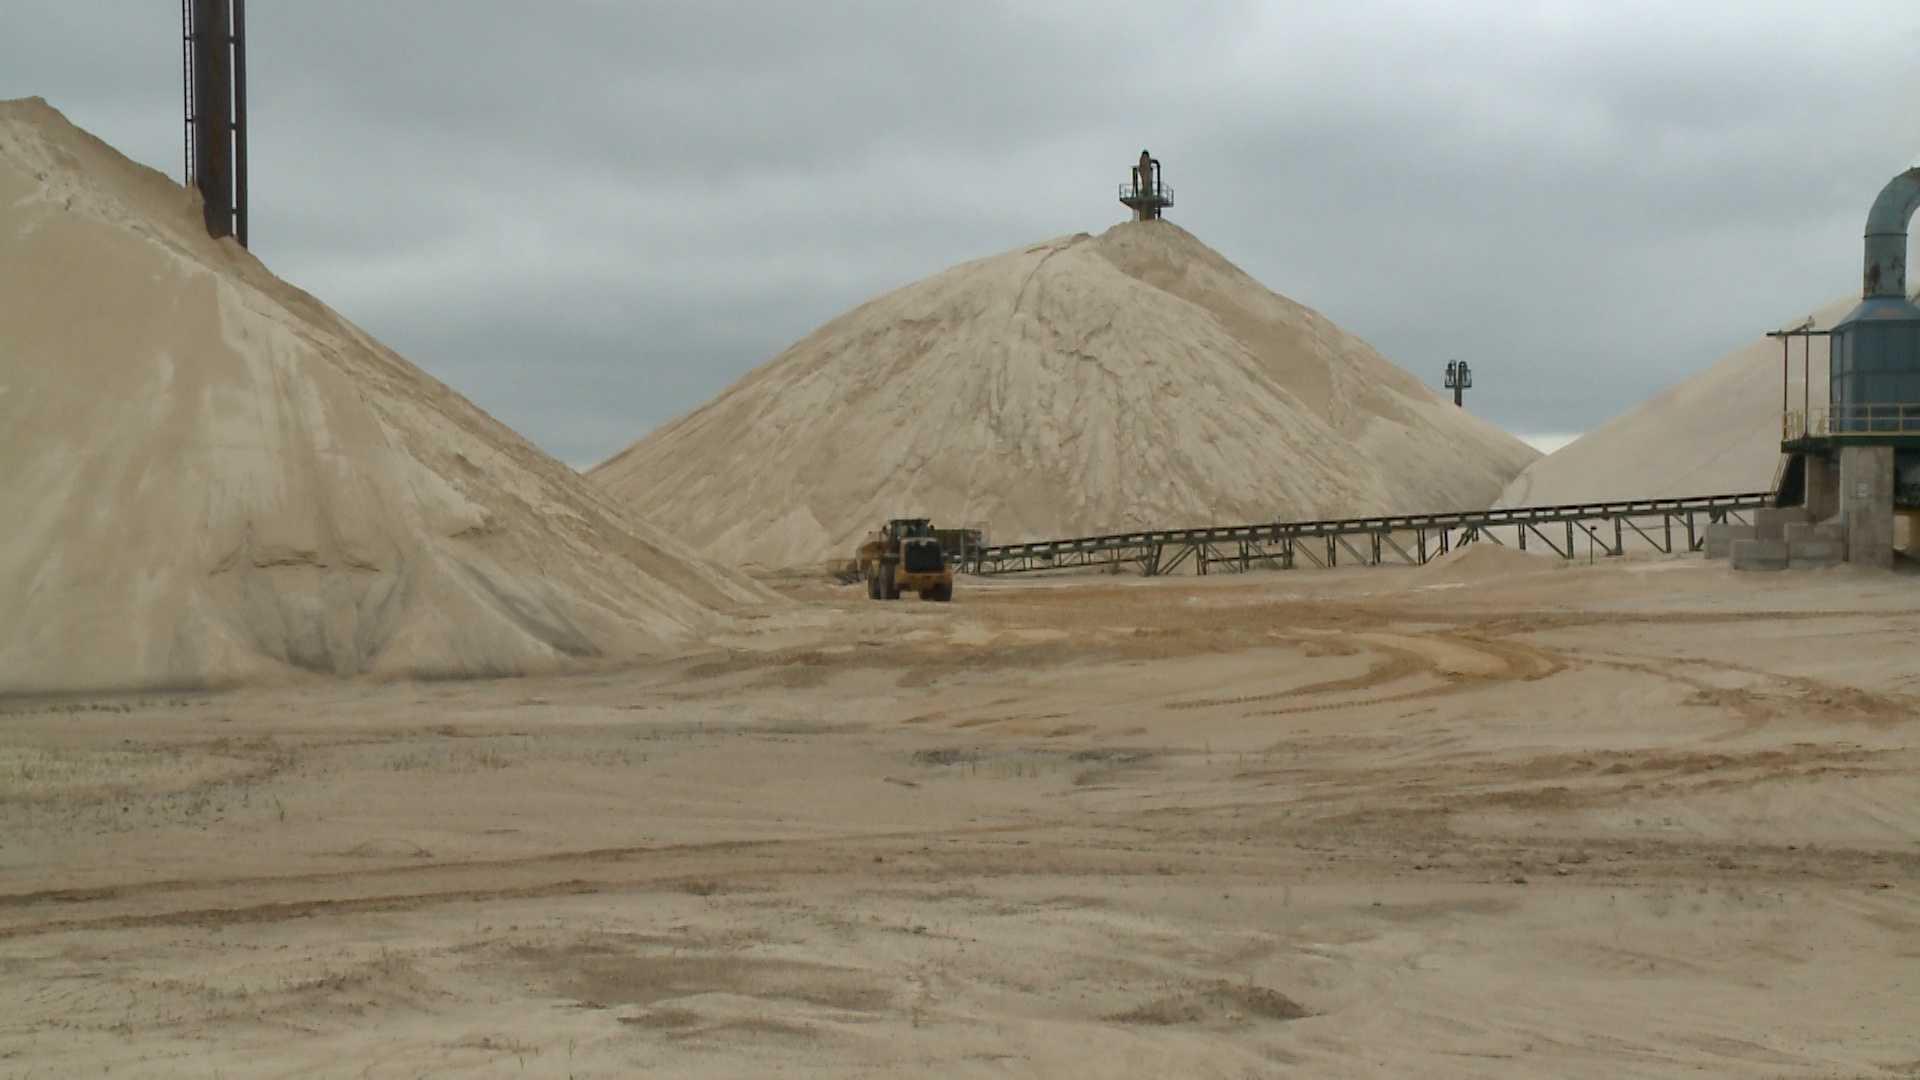 Sand mine near Fairwater, Wis.